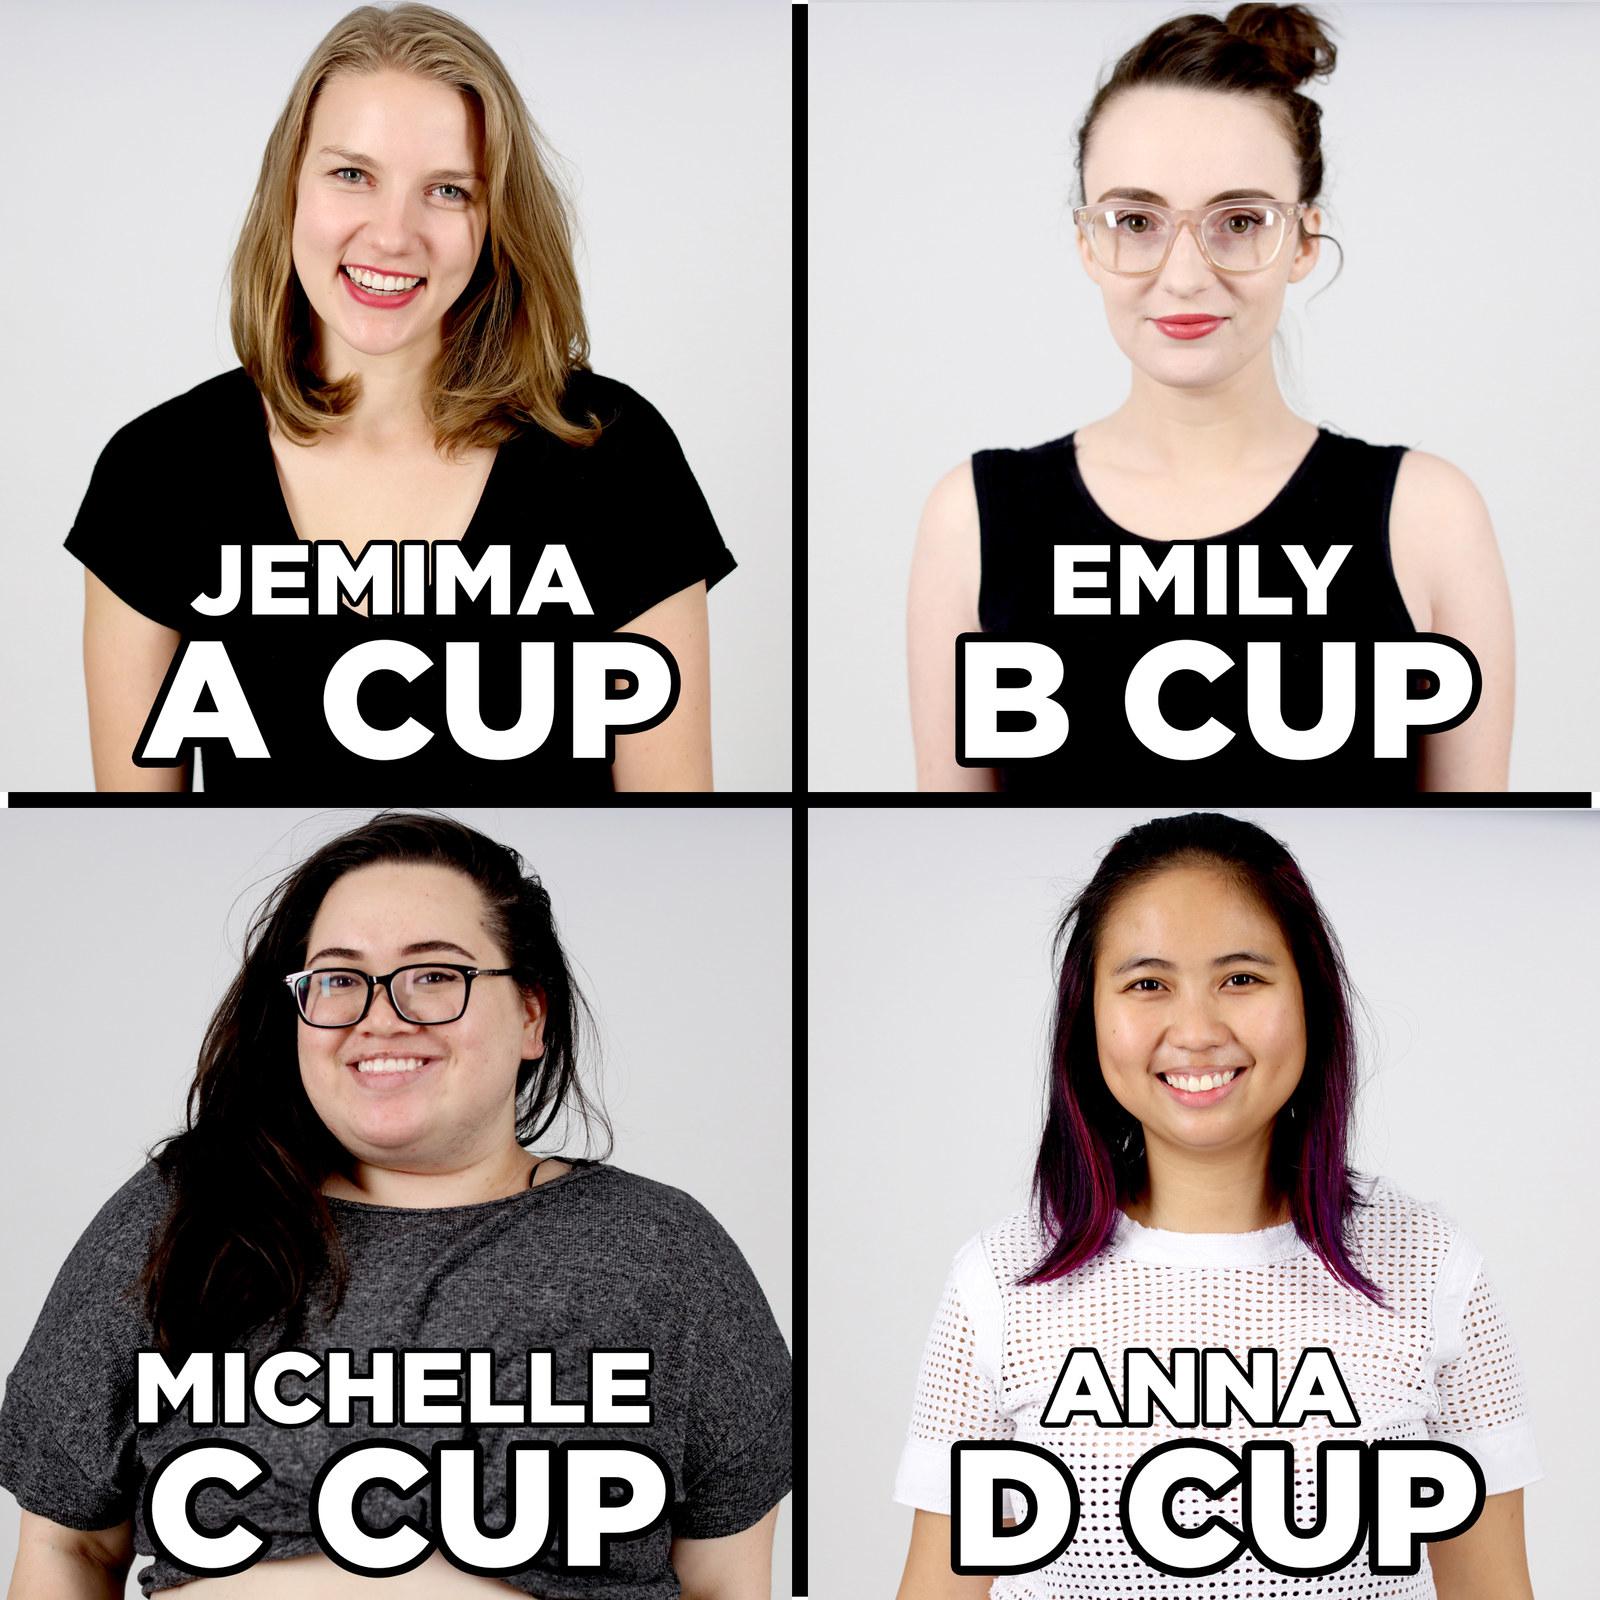 Bra cup too big